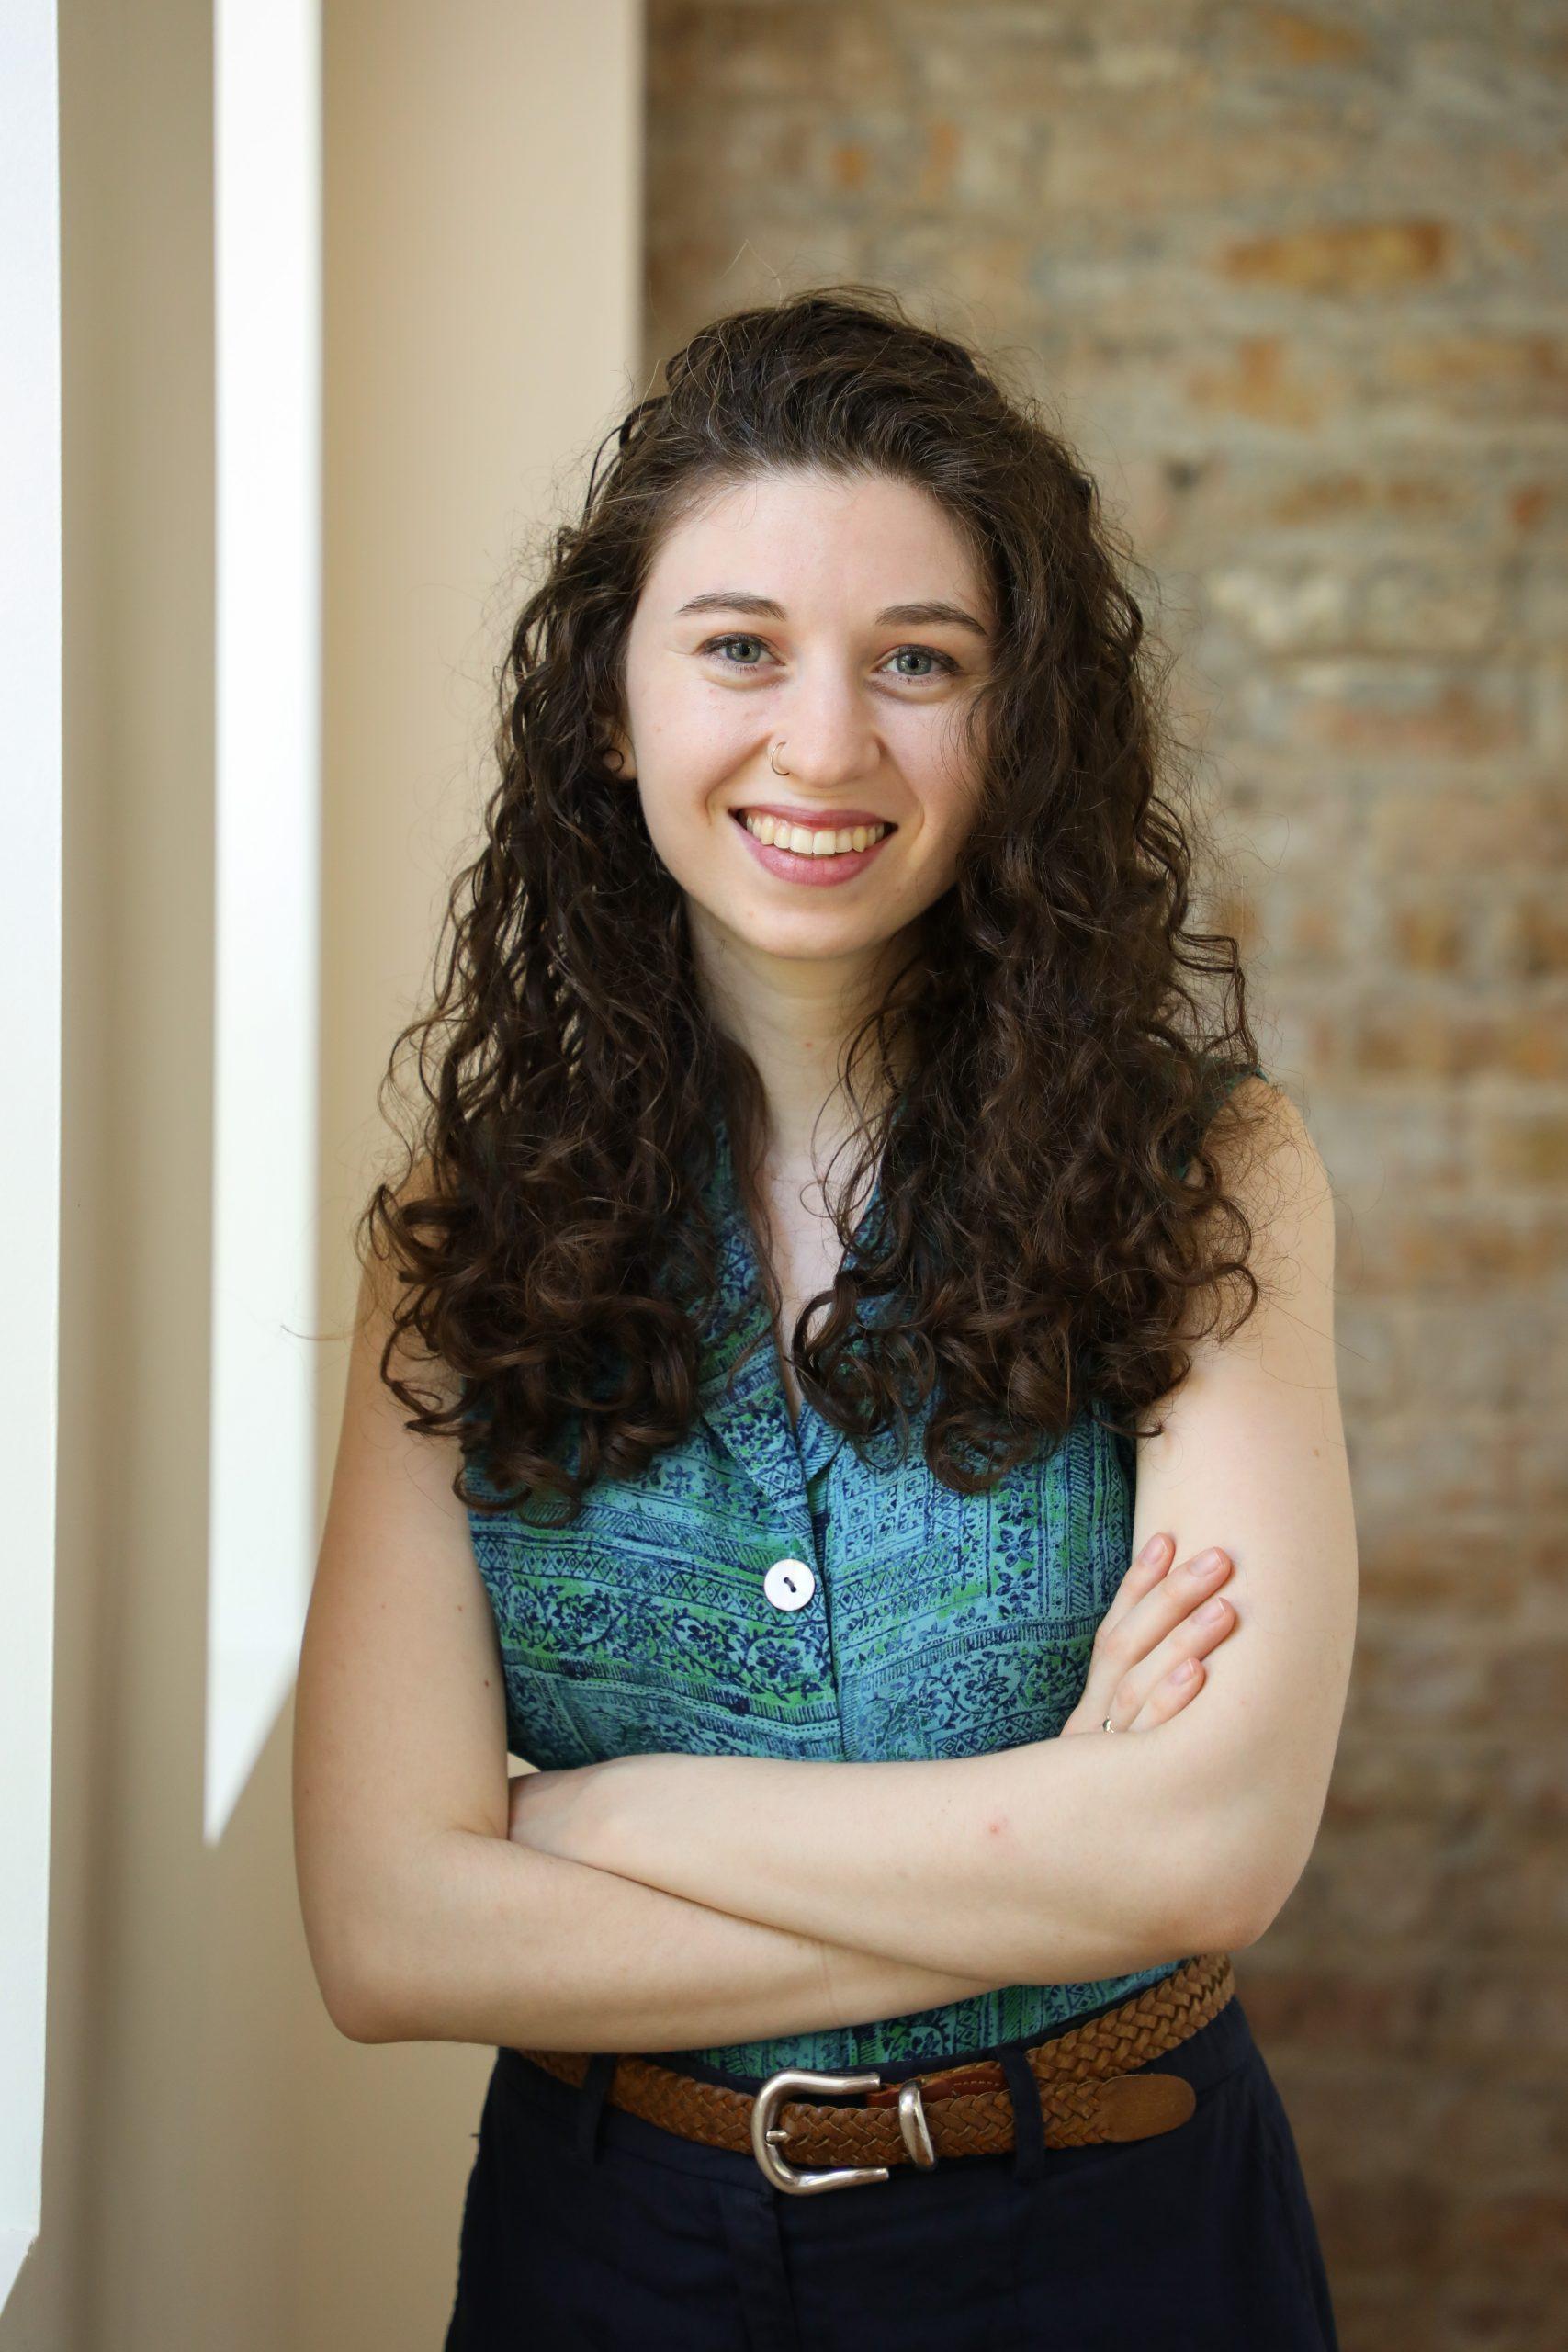 Haley Jewel